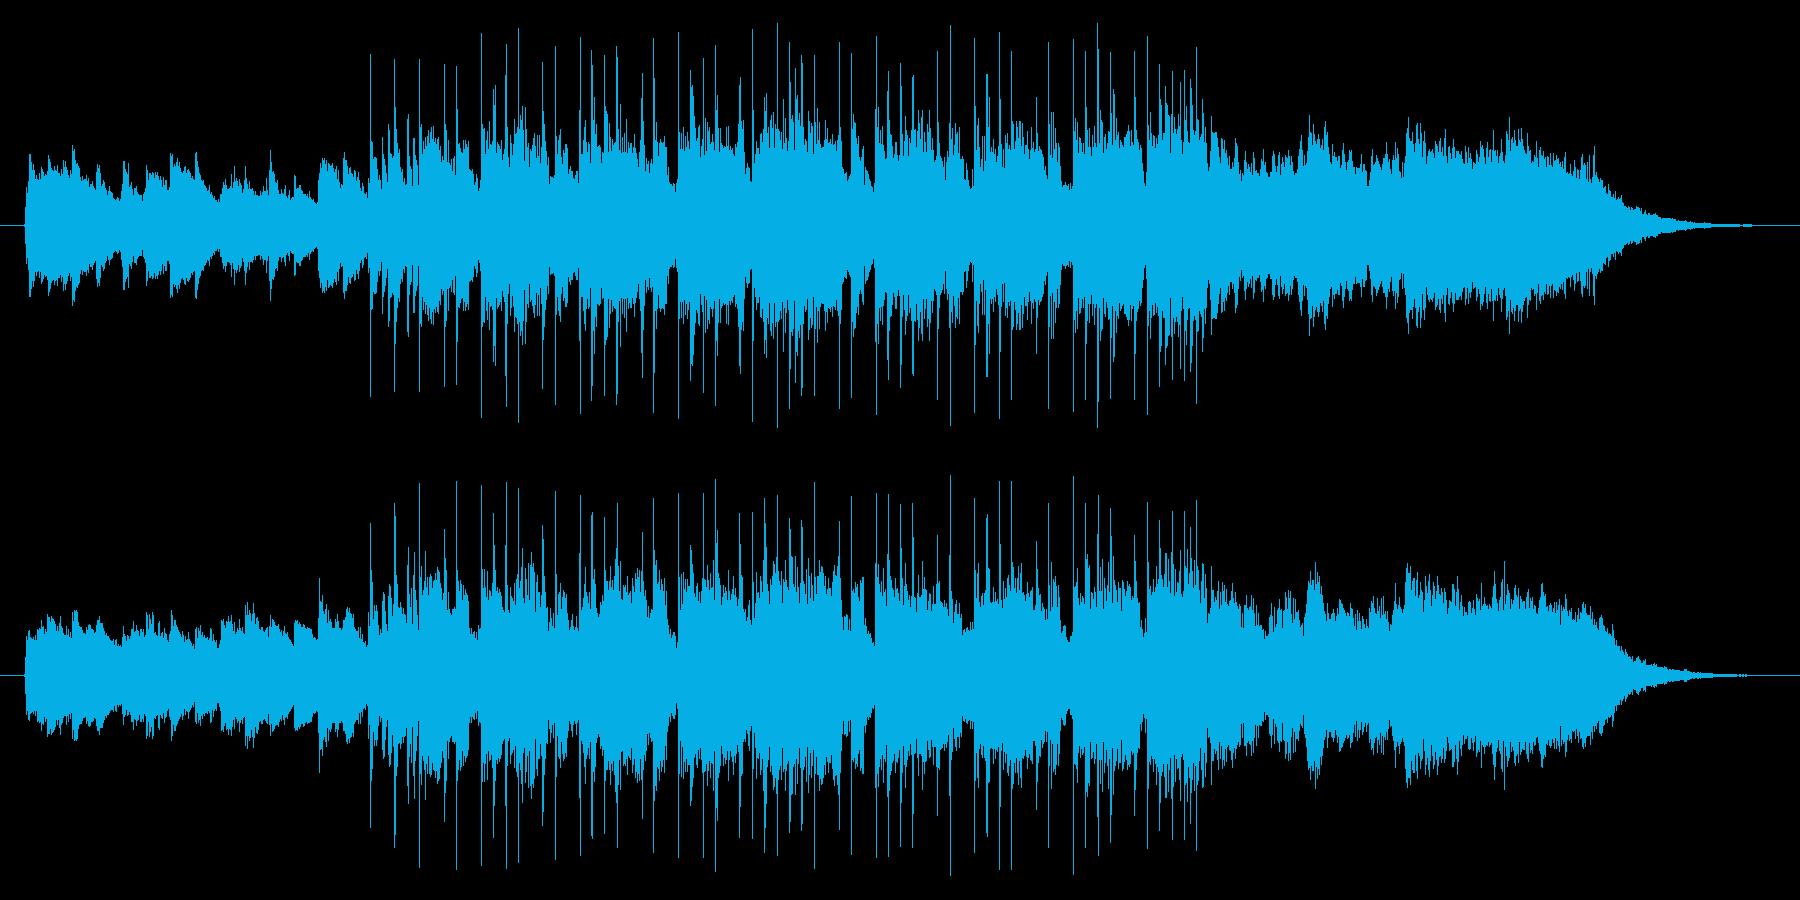 キラキラしたかわいい雰囲気の曲の再生済みの波形